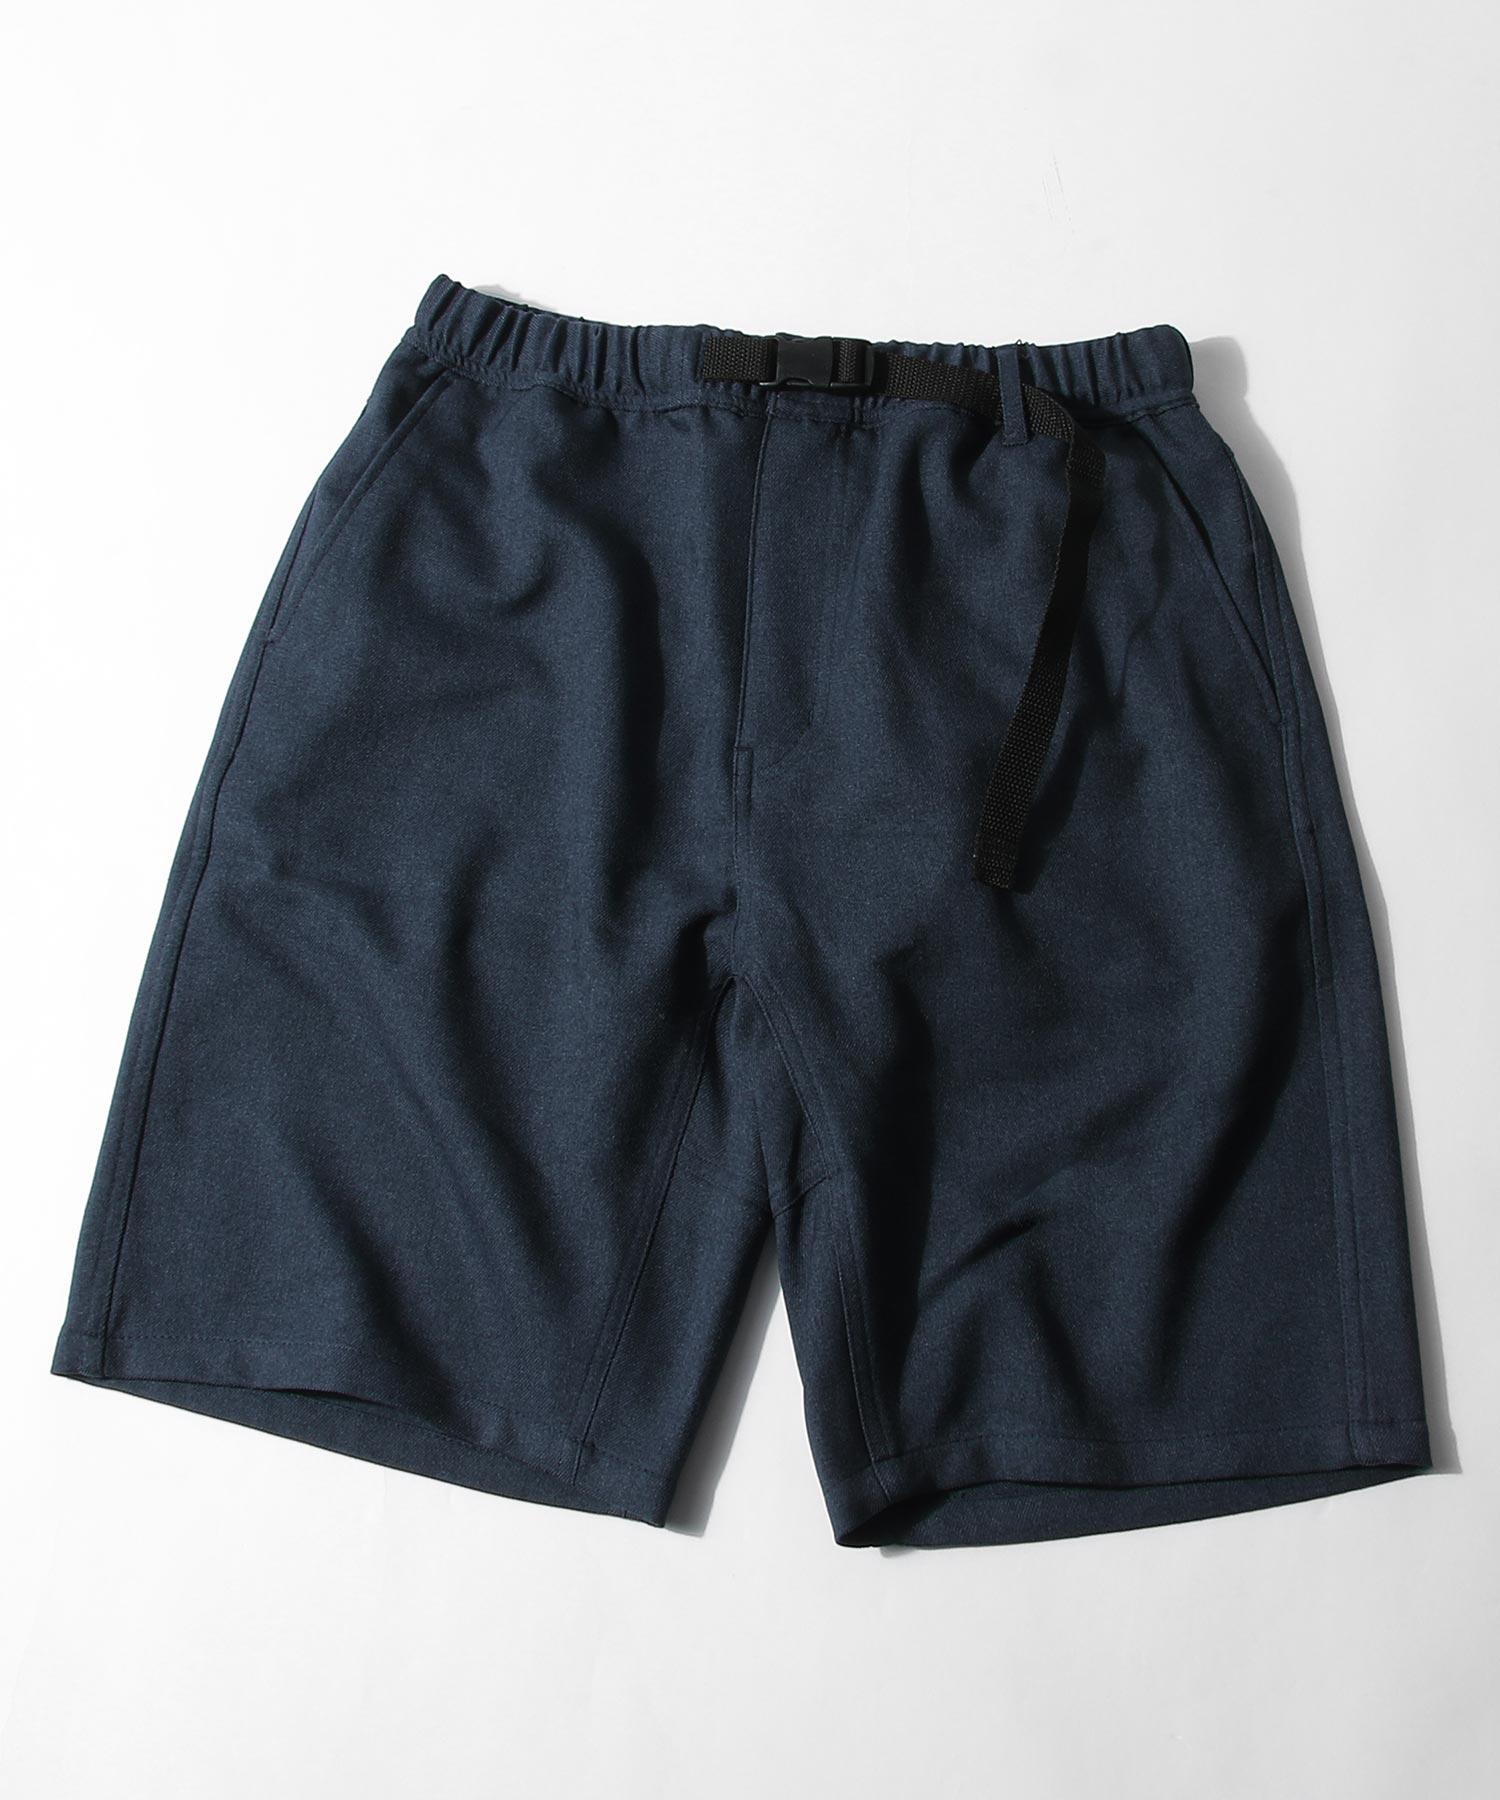 【APP領券再九折】【ZIP FIVE】速乾機能短褲 短褲 男 休閒短褲 工作短褲 1